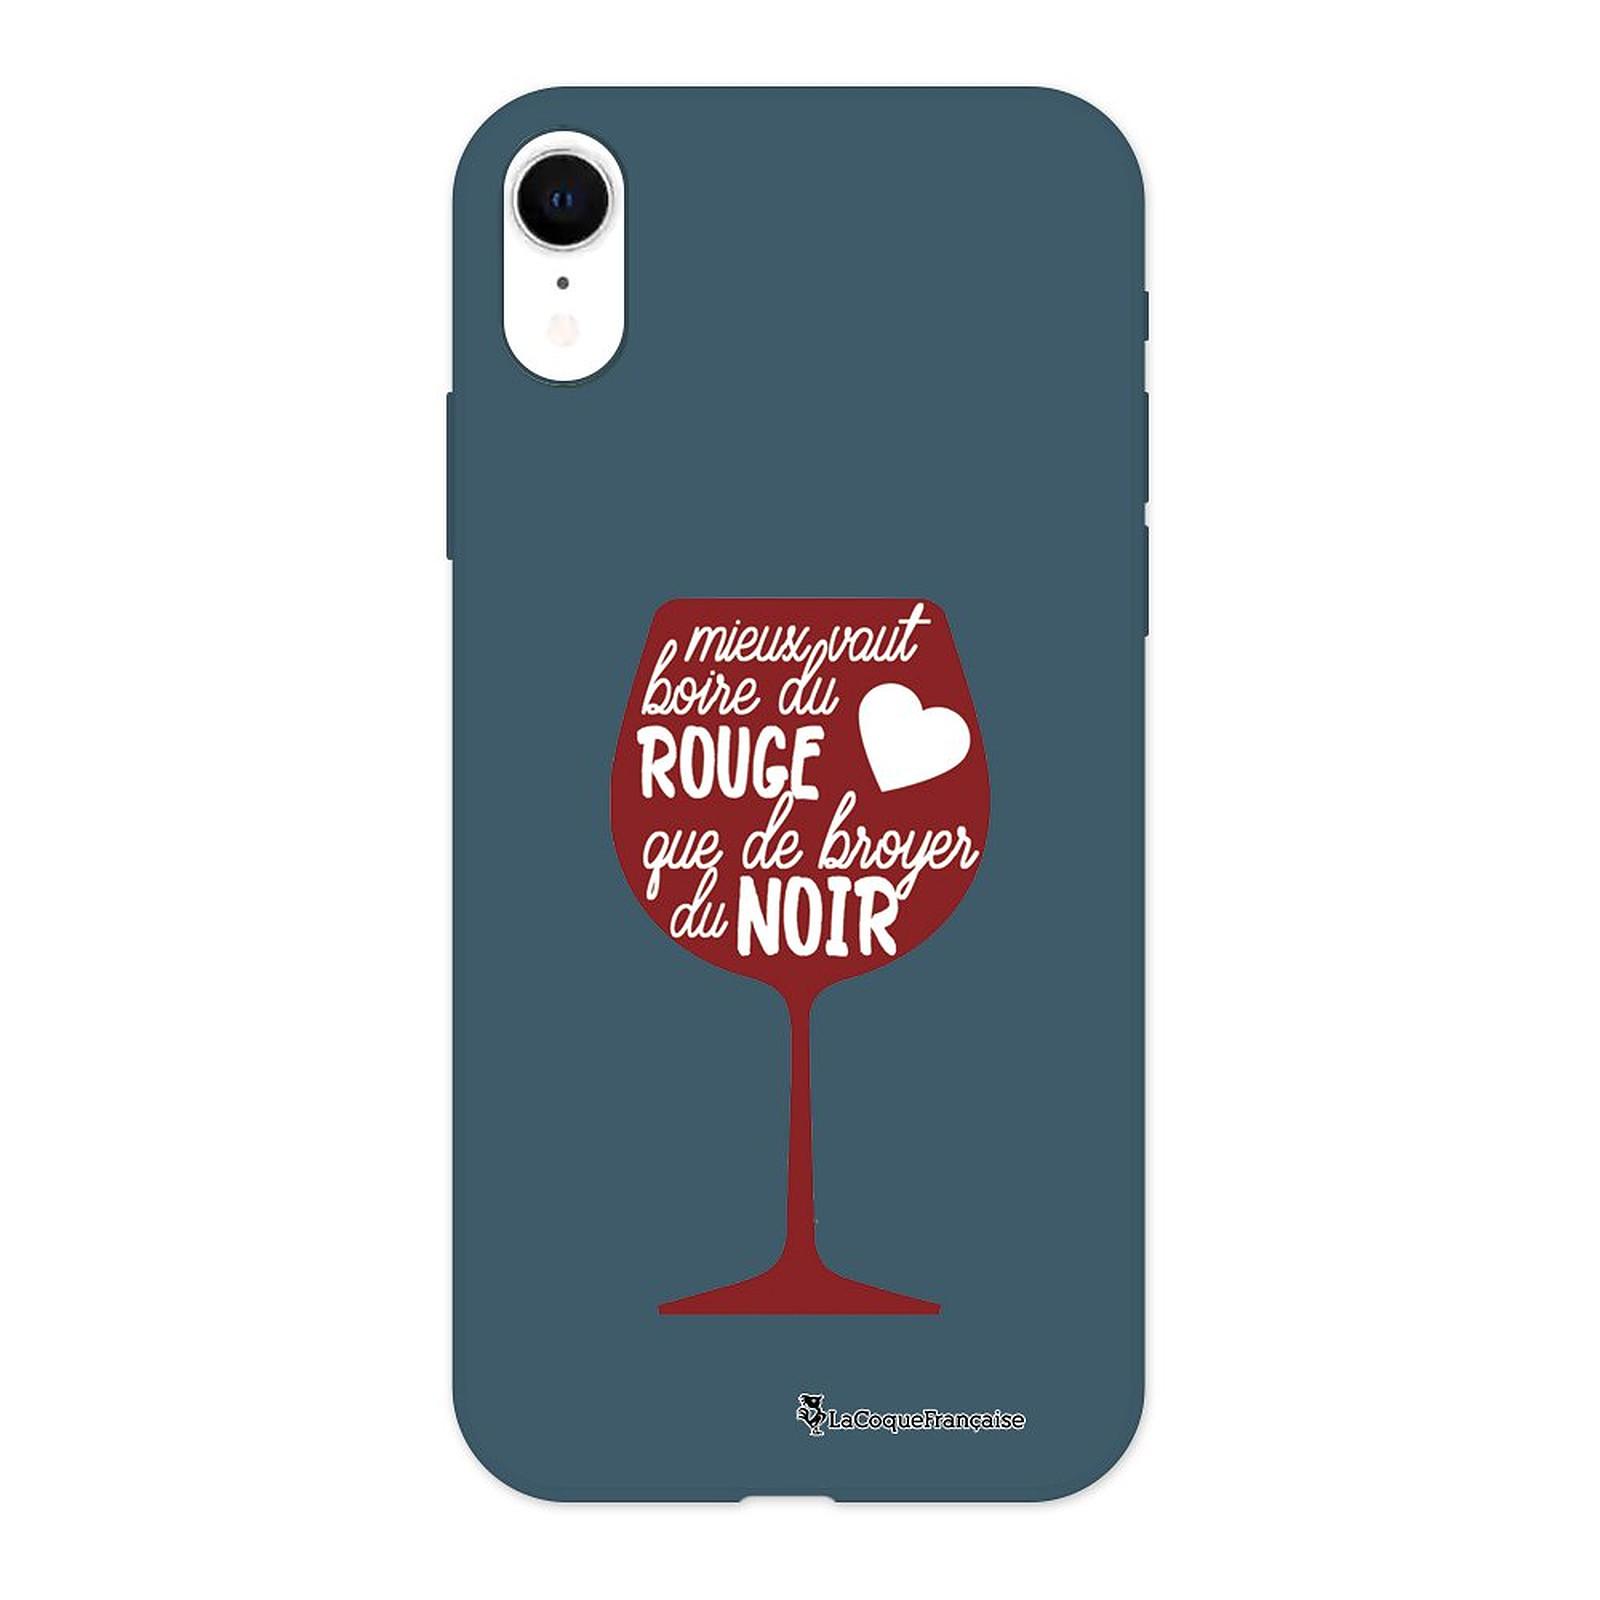 LA COQUE FRANCAISE Coque iPhone Xr Silicone Liquide Douce bleu nuit Mieux Vaut Boire du Vin Rouge